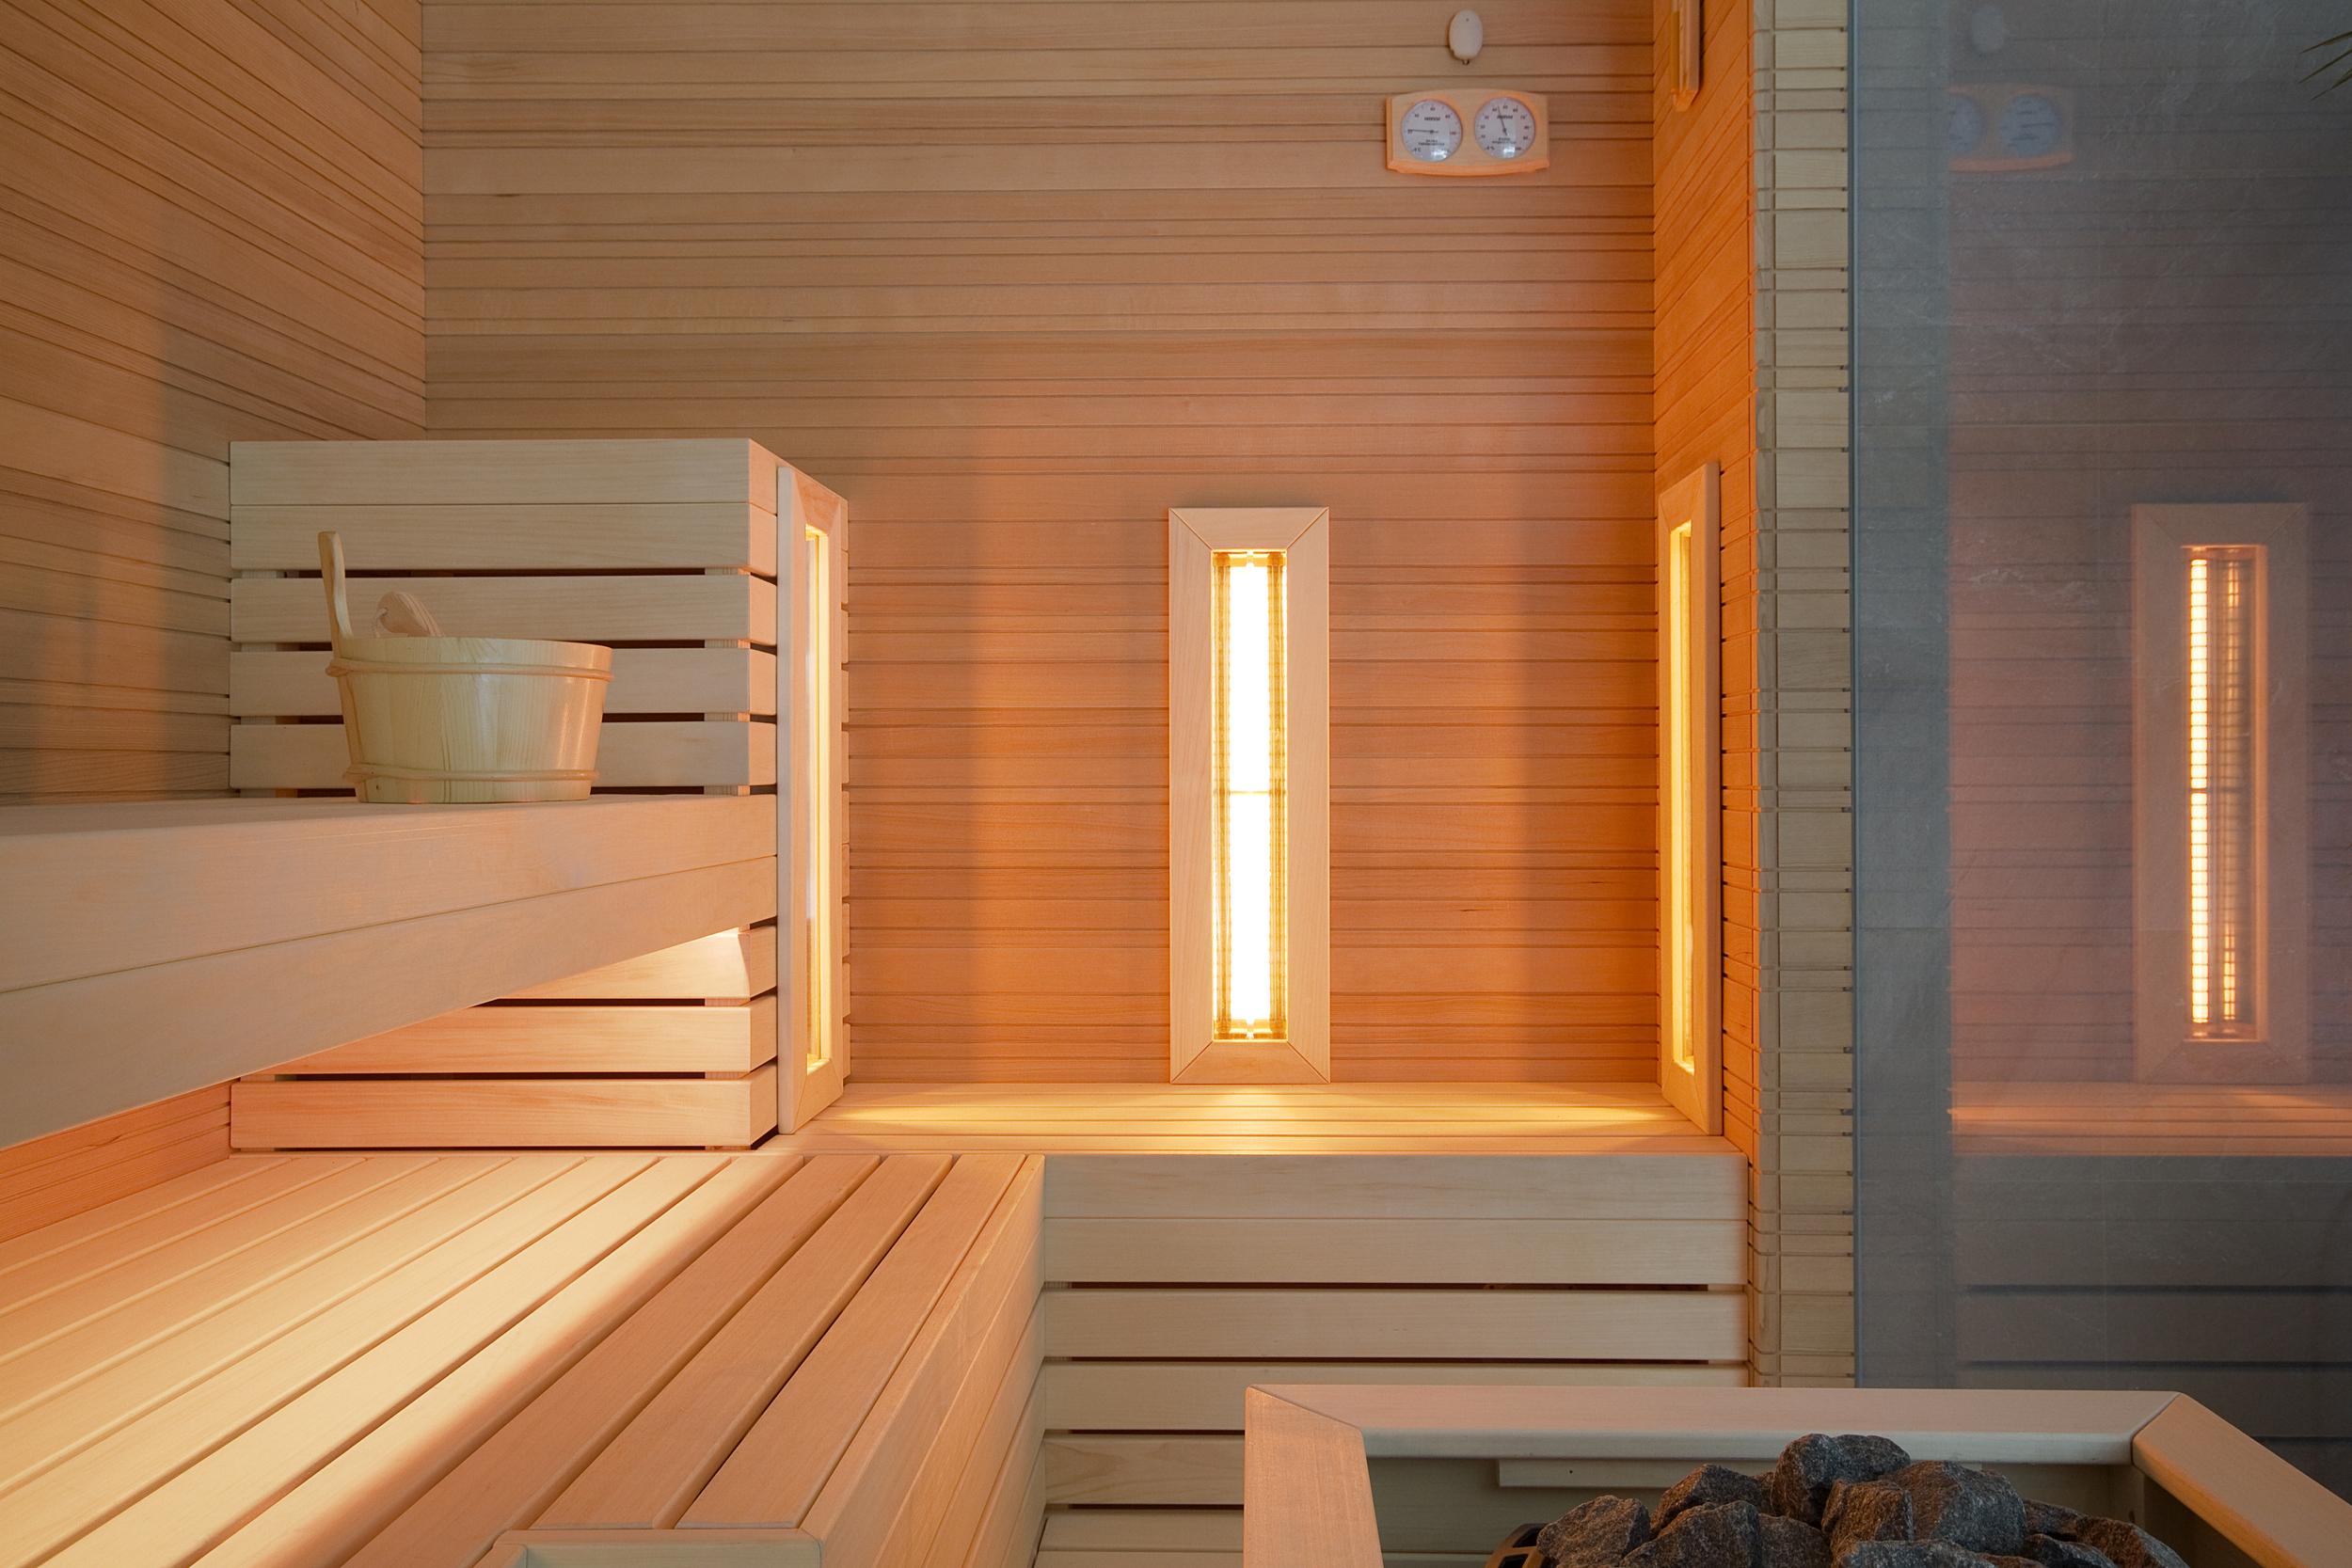 # Private home spa 8 - sauna.jpg